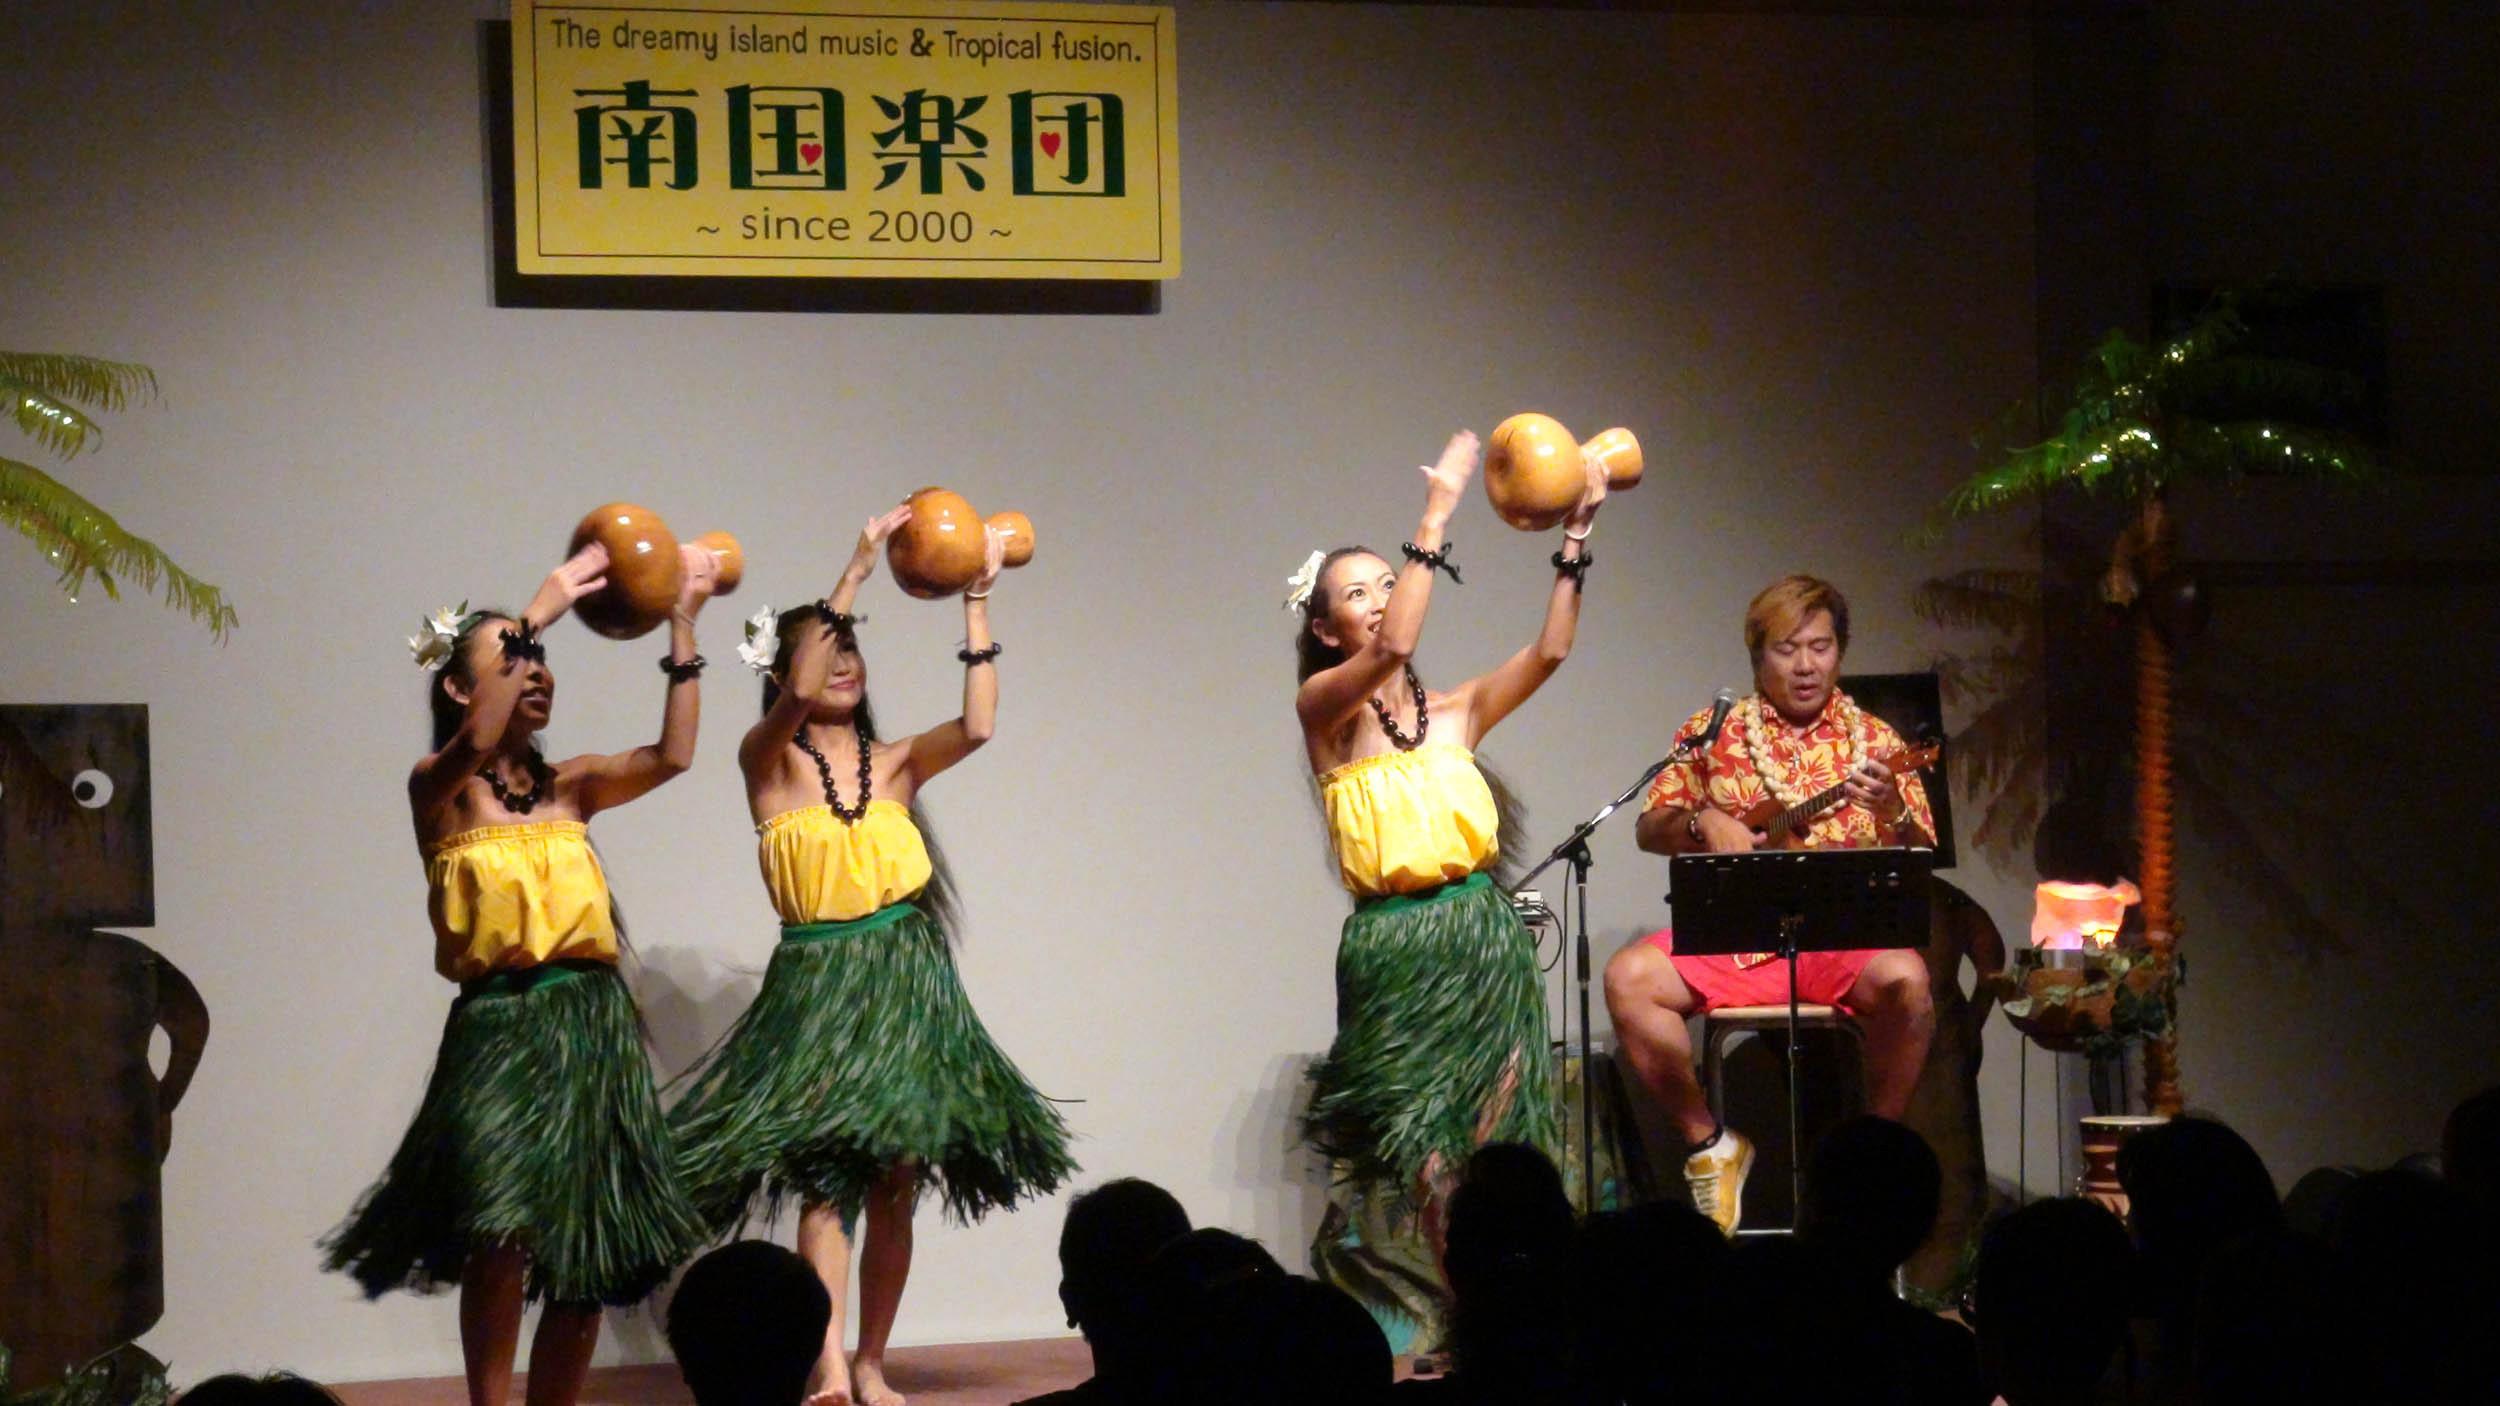 南国楽団 ハワイアン音楽&フラダンス